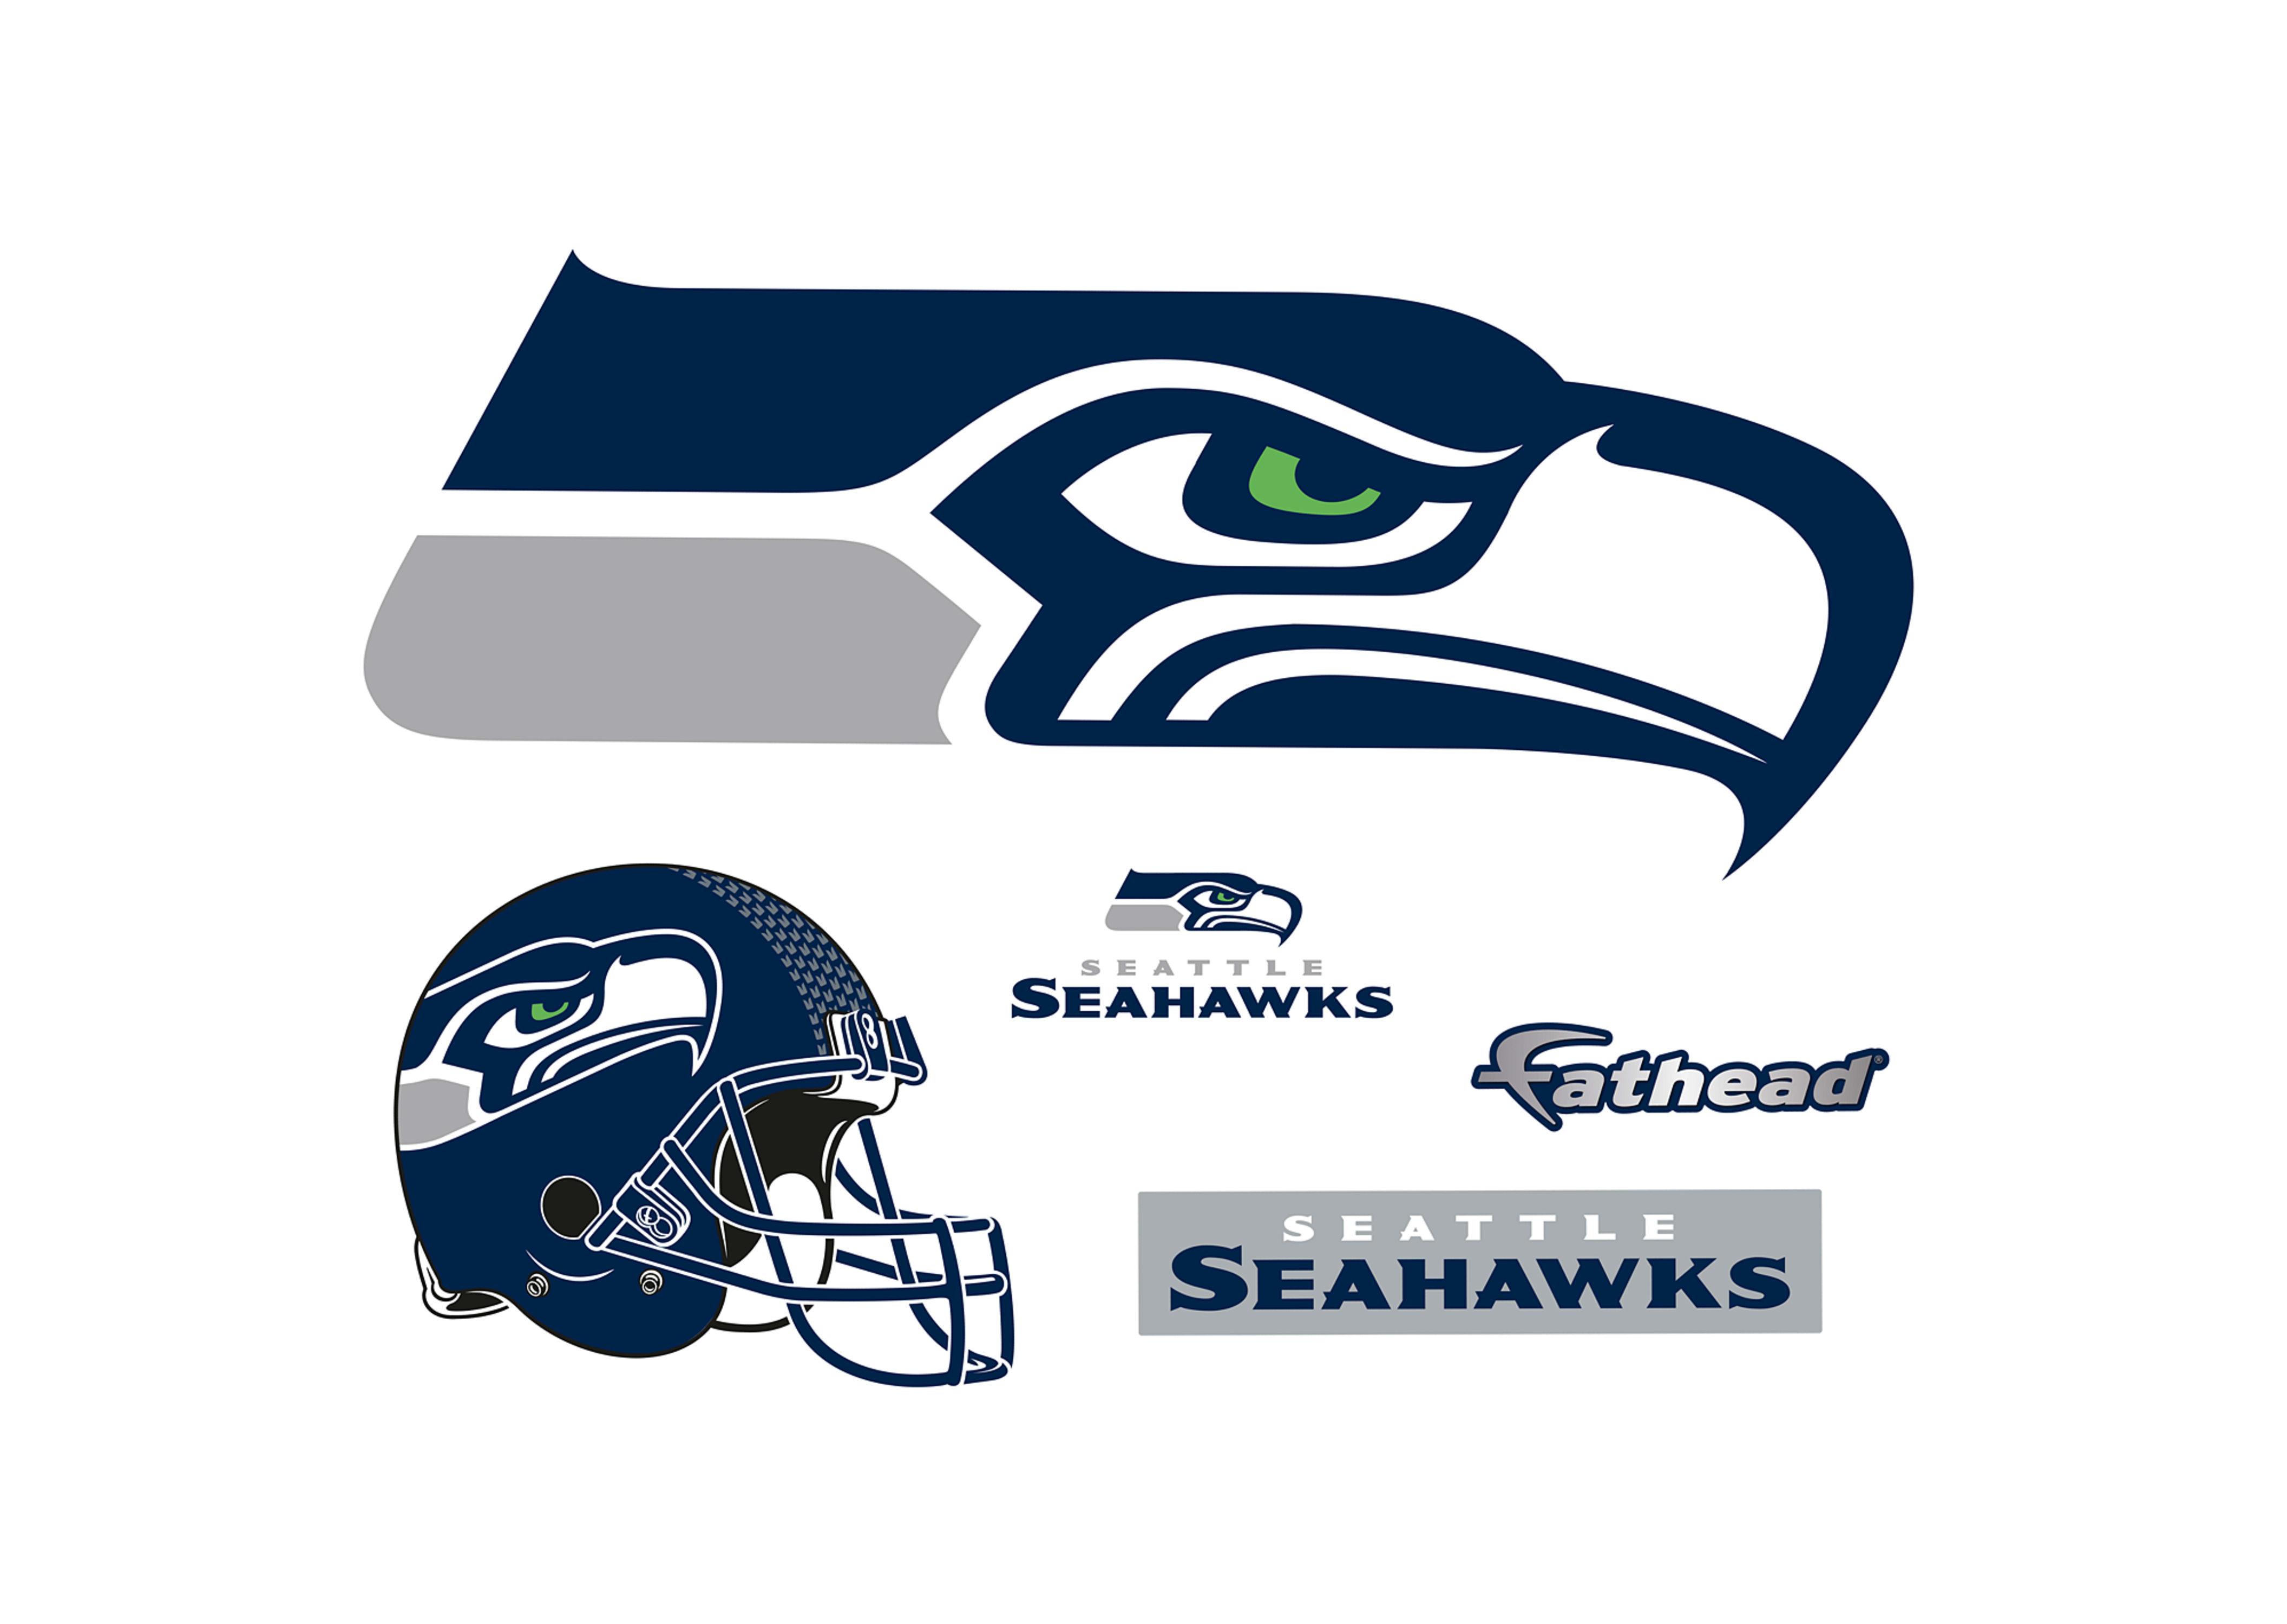 4225x3000 Gallery Seattle Seahawks,